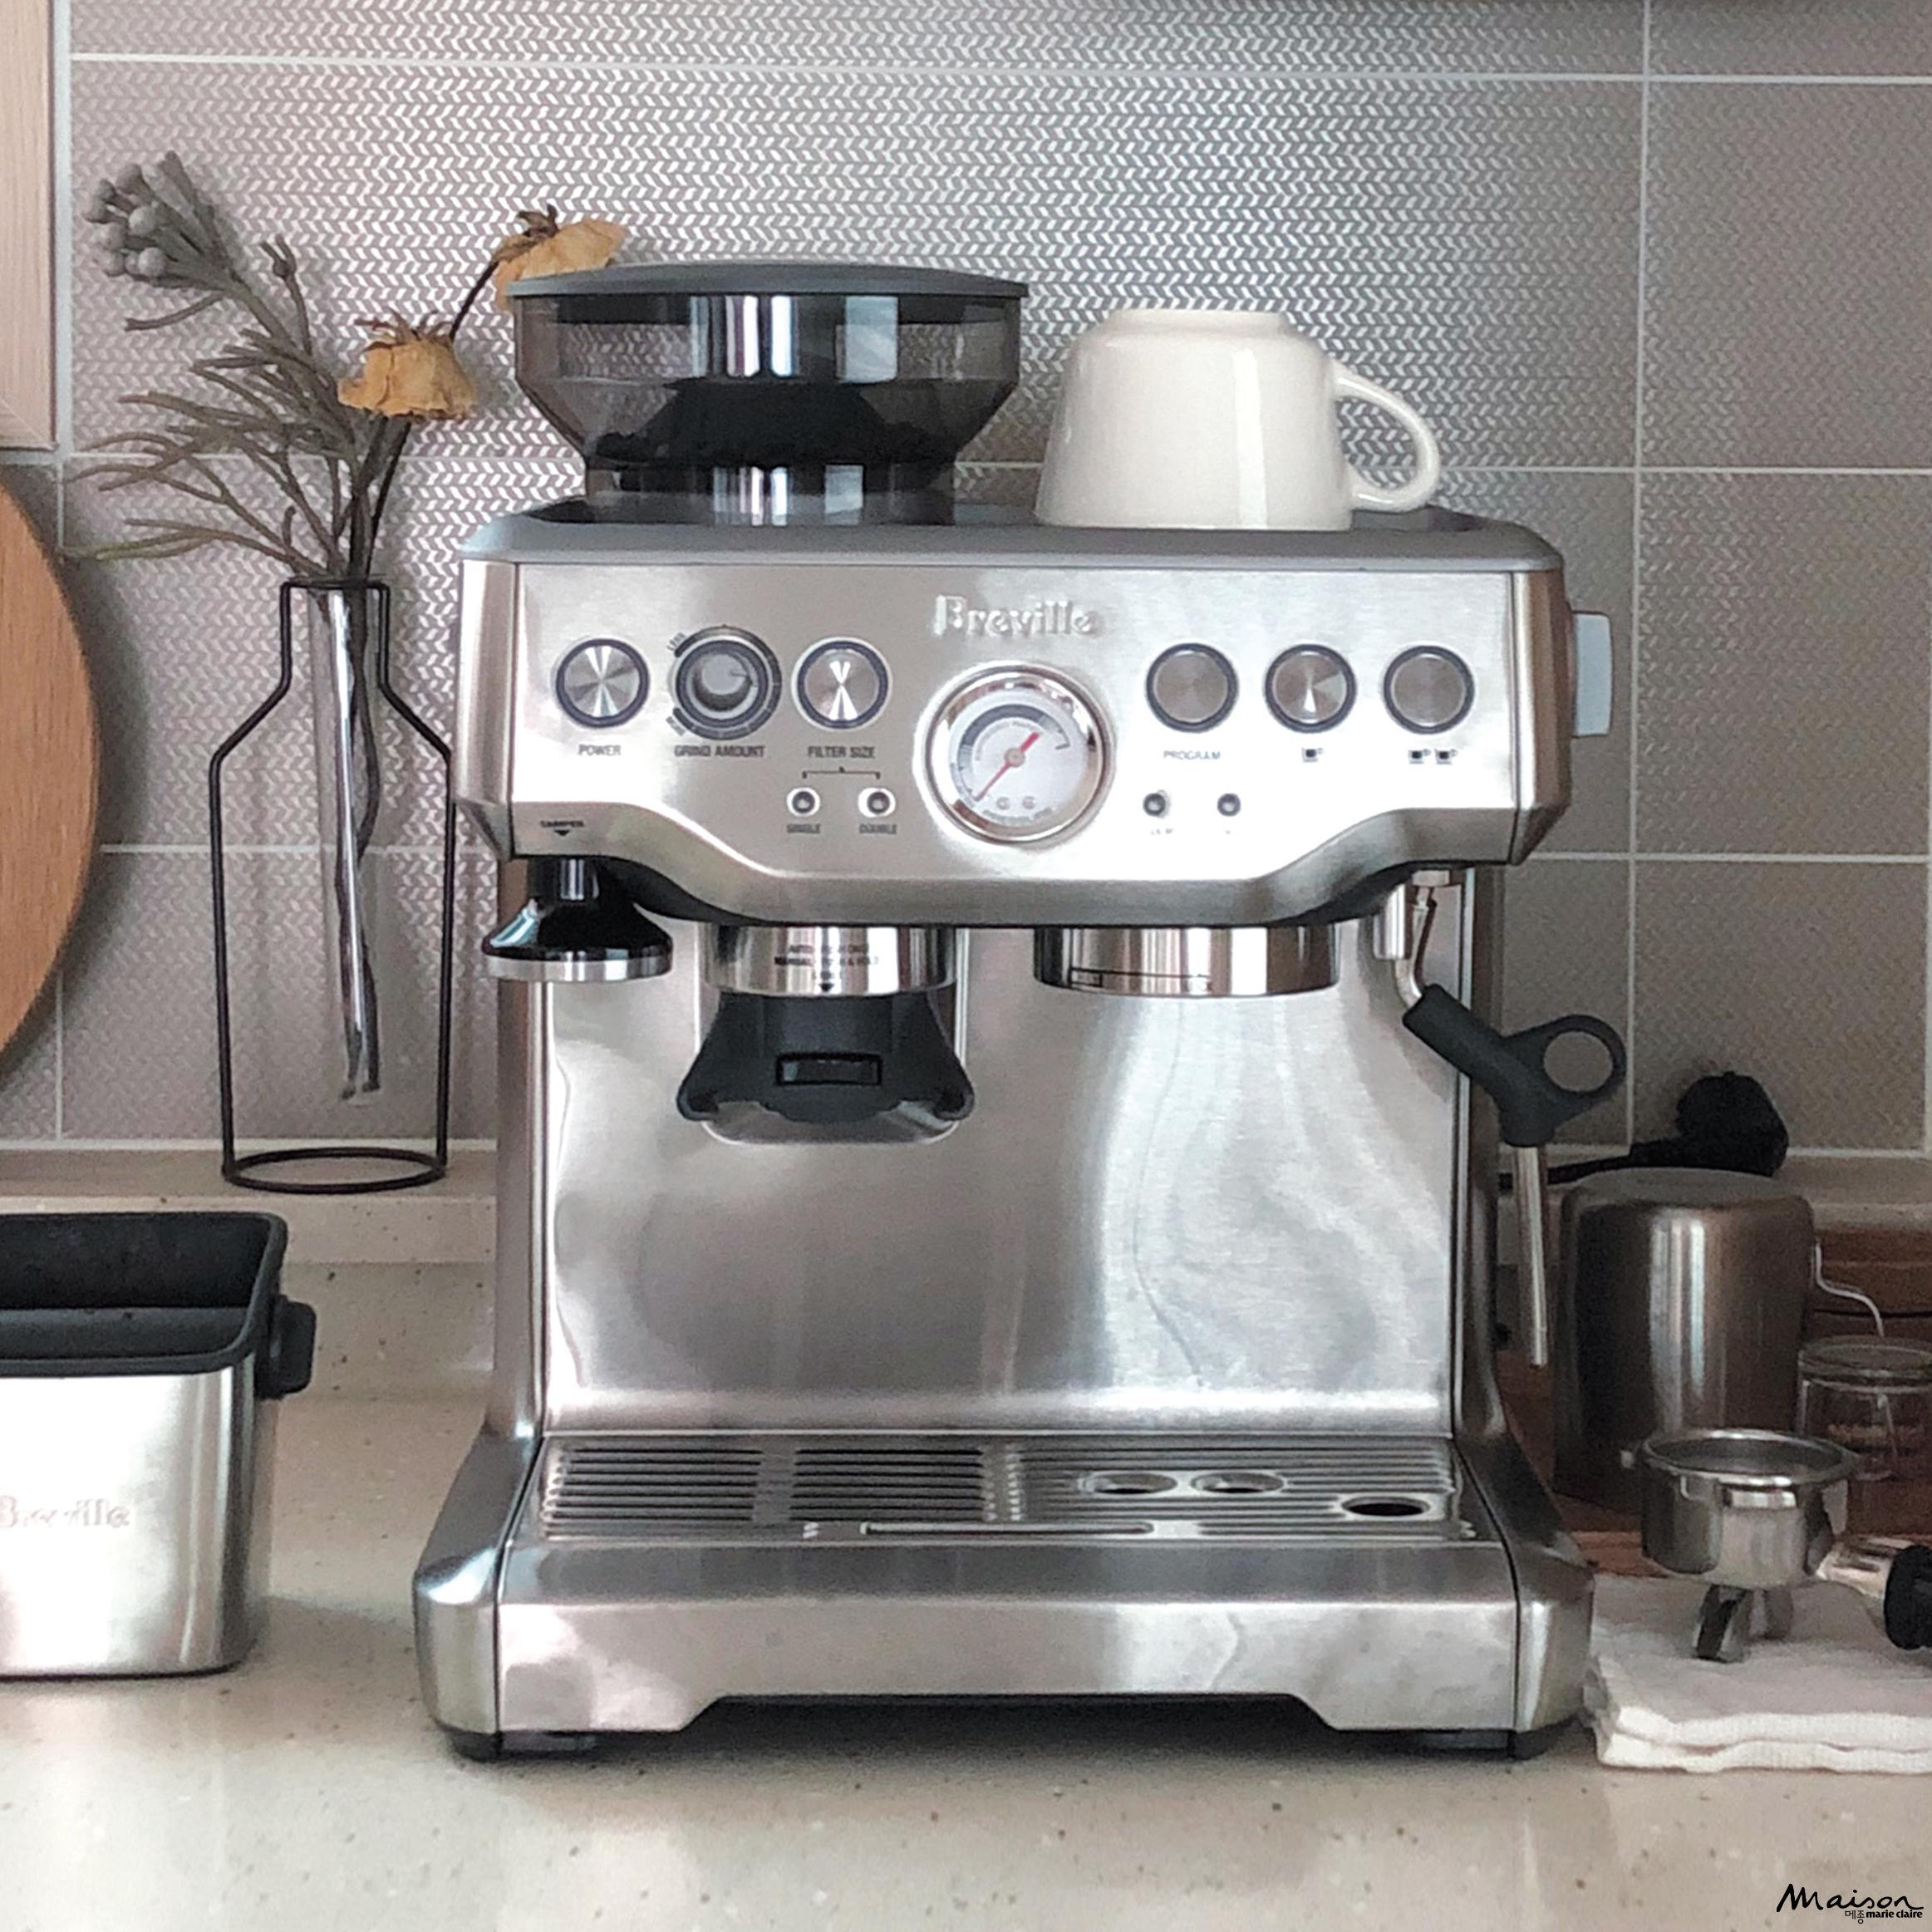 브레빌 커피머신